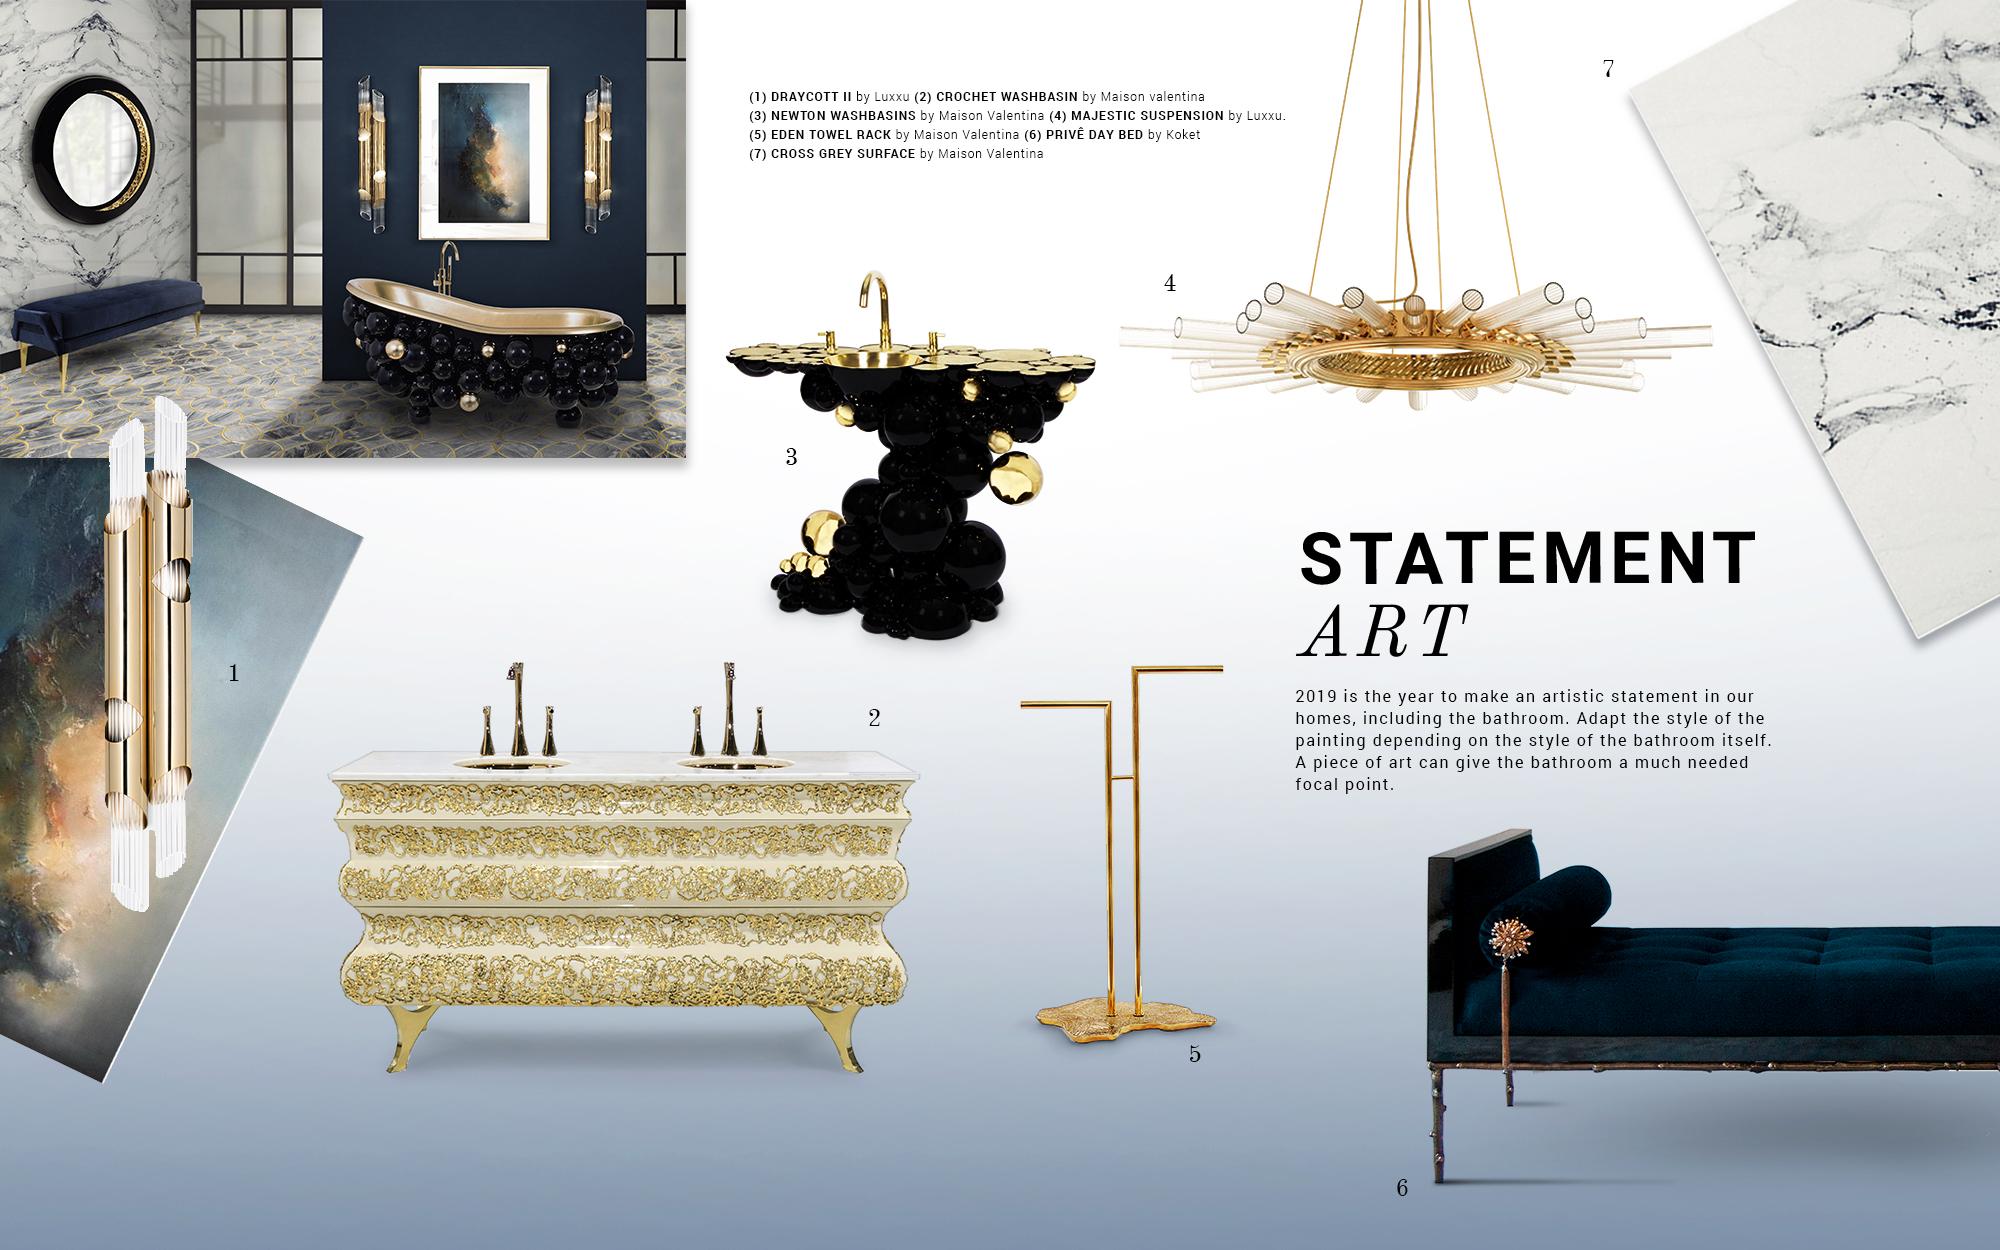 Maison Valentina Design Trends From M&O 2019  Maison Valentina Design Trends From M&O 2019 mood board 6